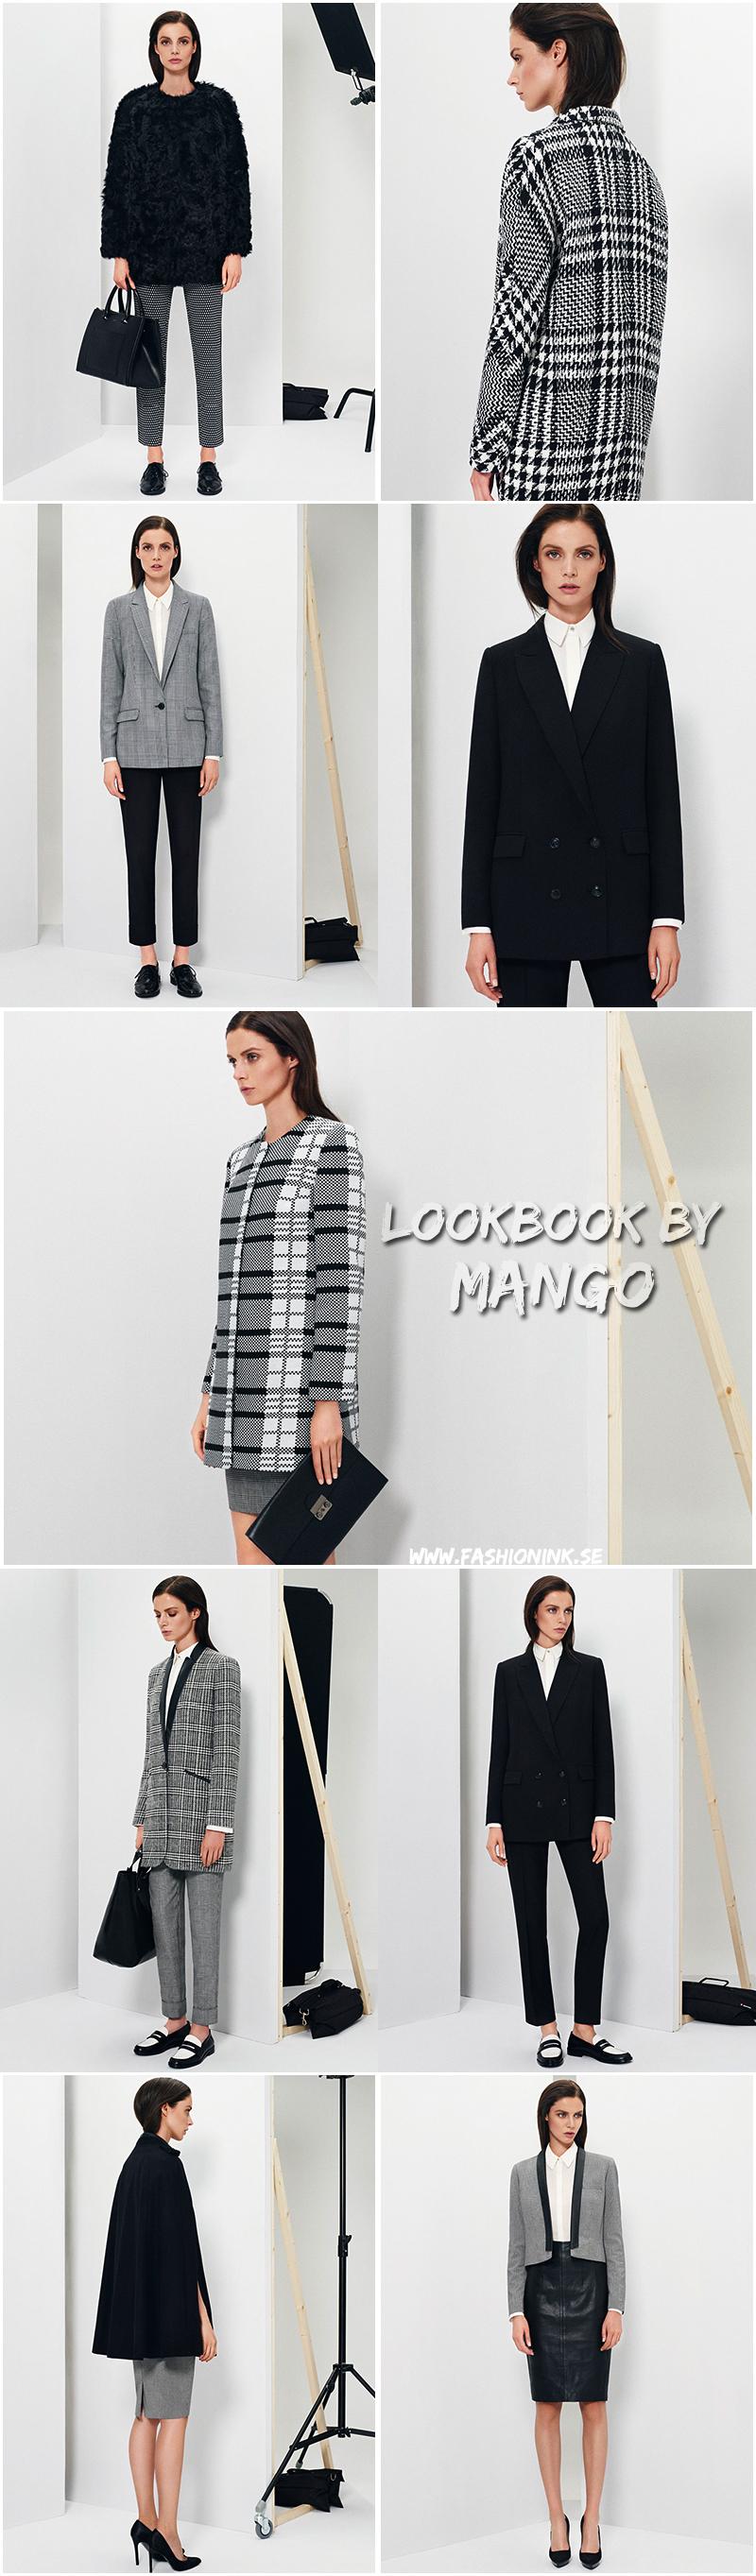 Celebrity Lookbook - Home | Facebook